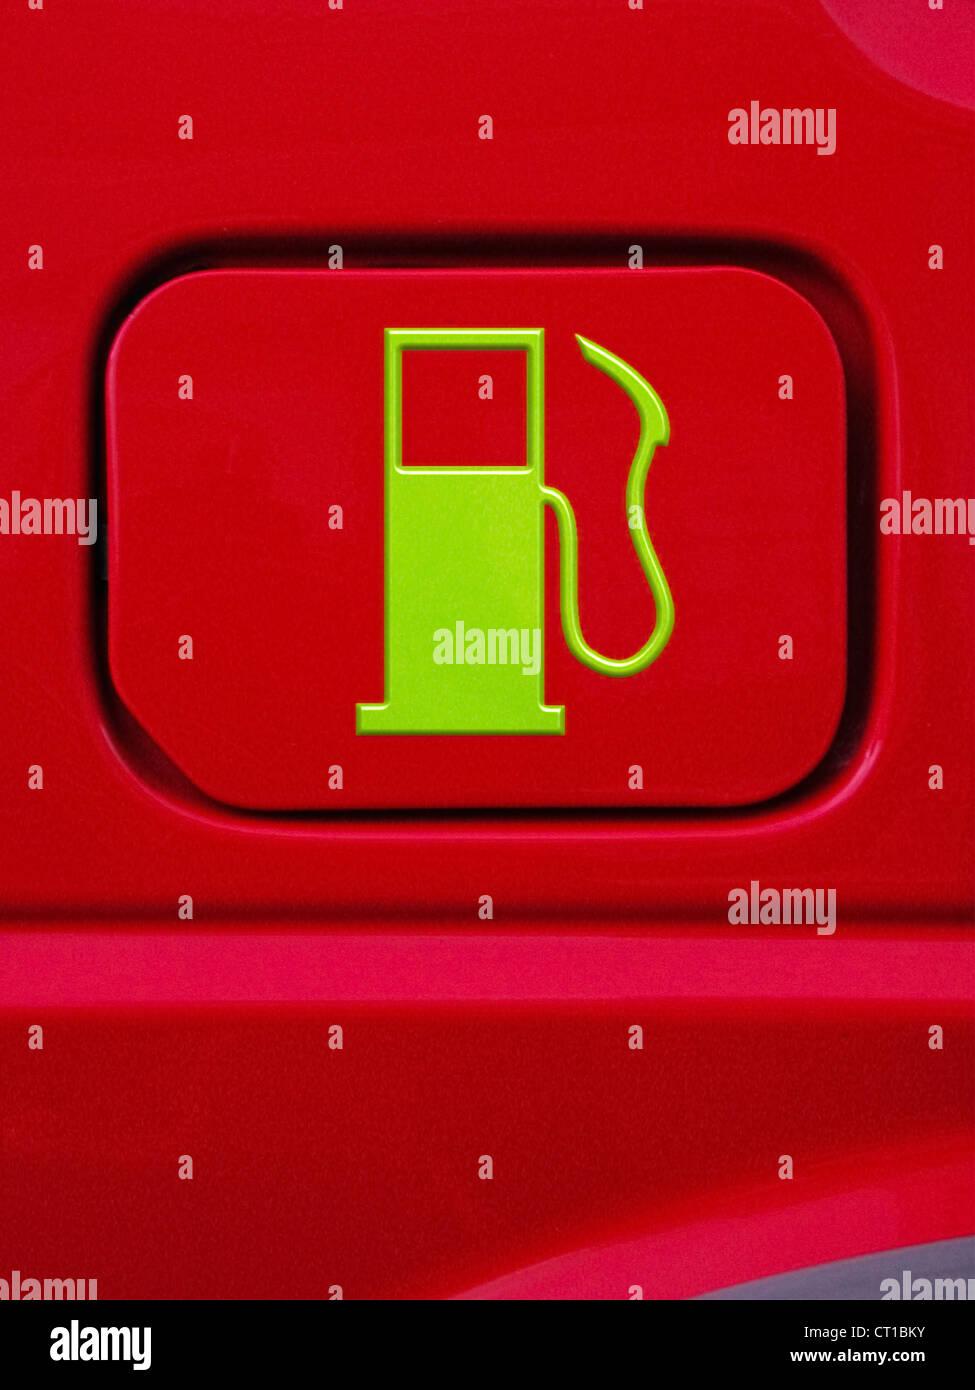 Symbol of a fuel nozzle on a fuel cap - Stock Image